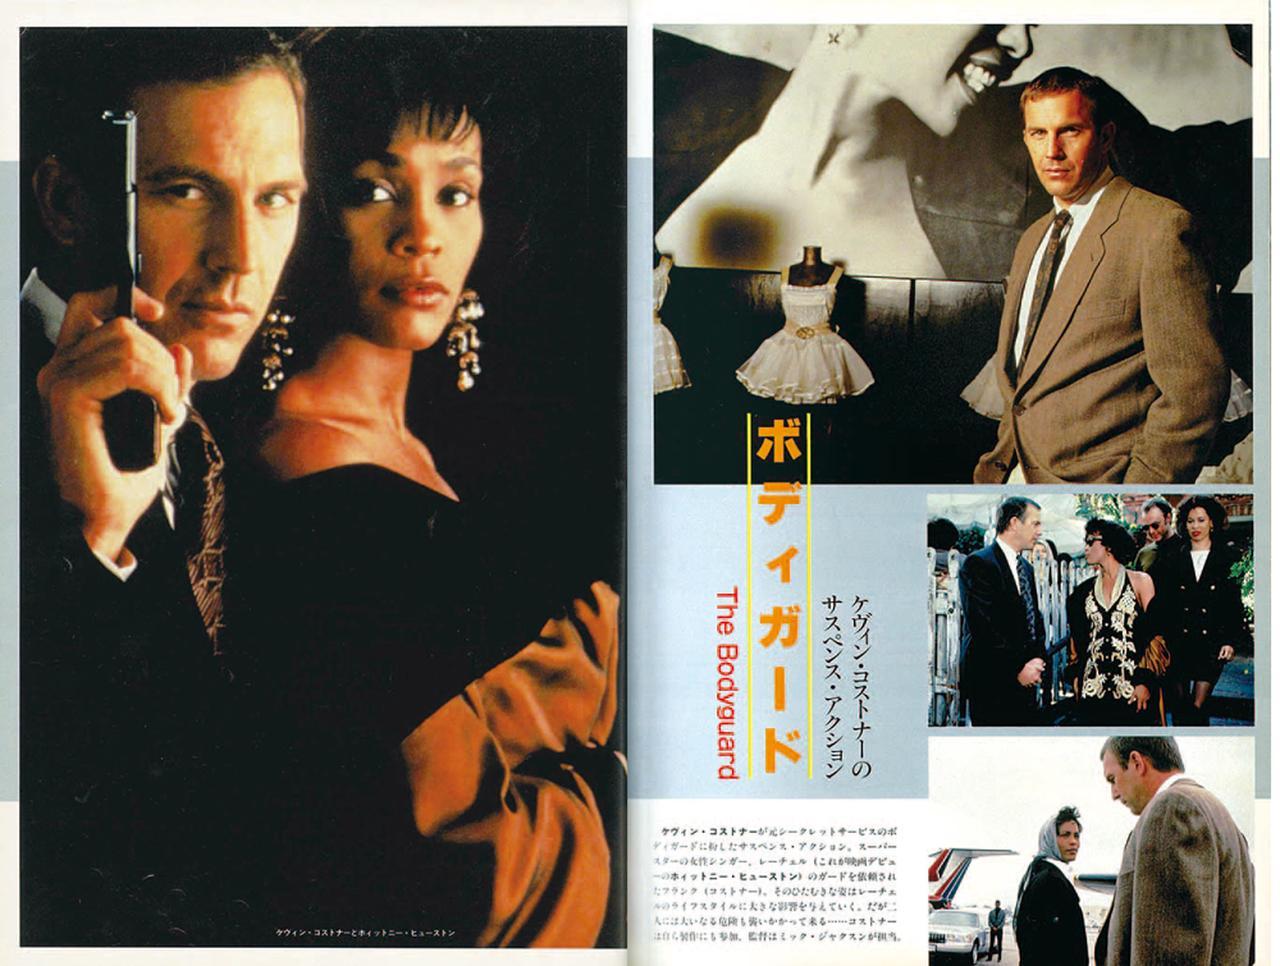 画像: ケビン・コスナーとホイットニー・ヒューストンの「ボディガード」は大ヒットとなった(1992年11月号)